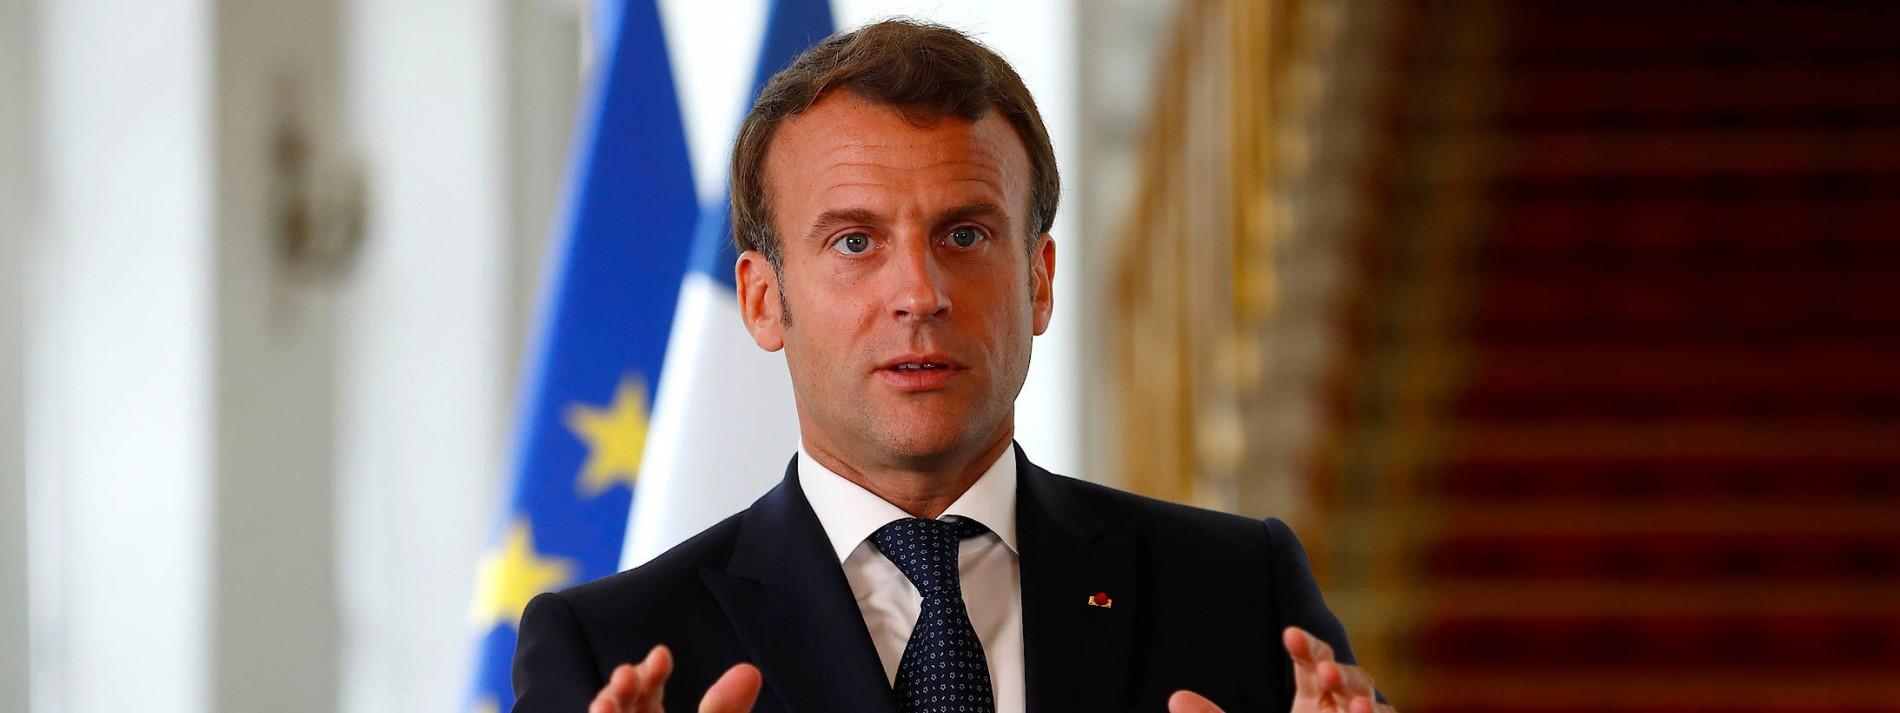 Misstraut Macron der freien Presse?